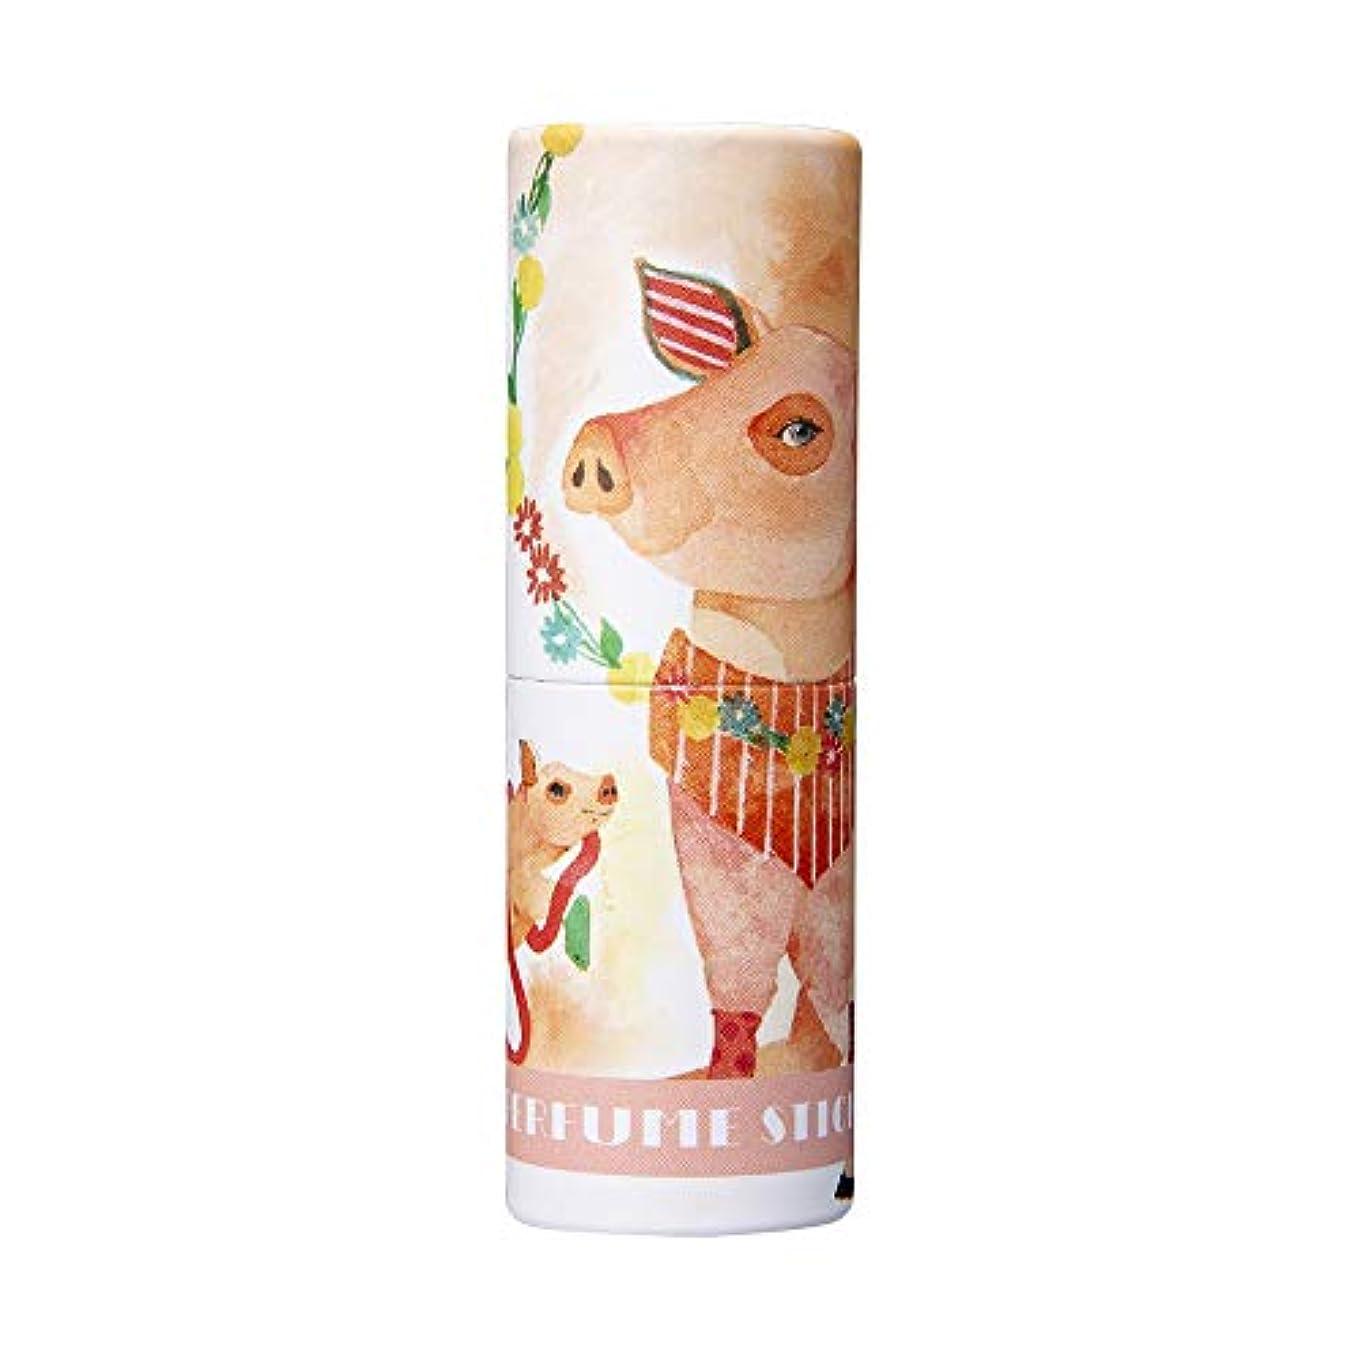 ベリ低い留め金パフュームスティック ハッピー アップル&ローズの香り CatoFriendデザイン 5g